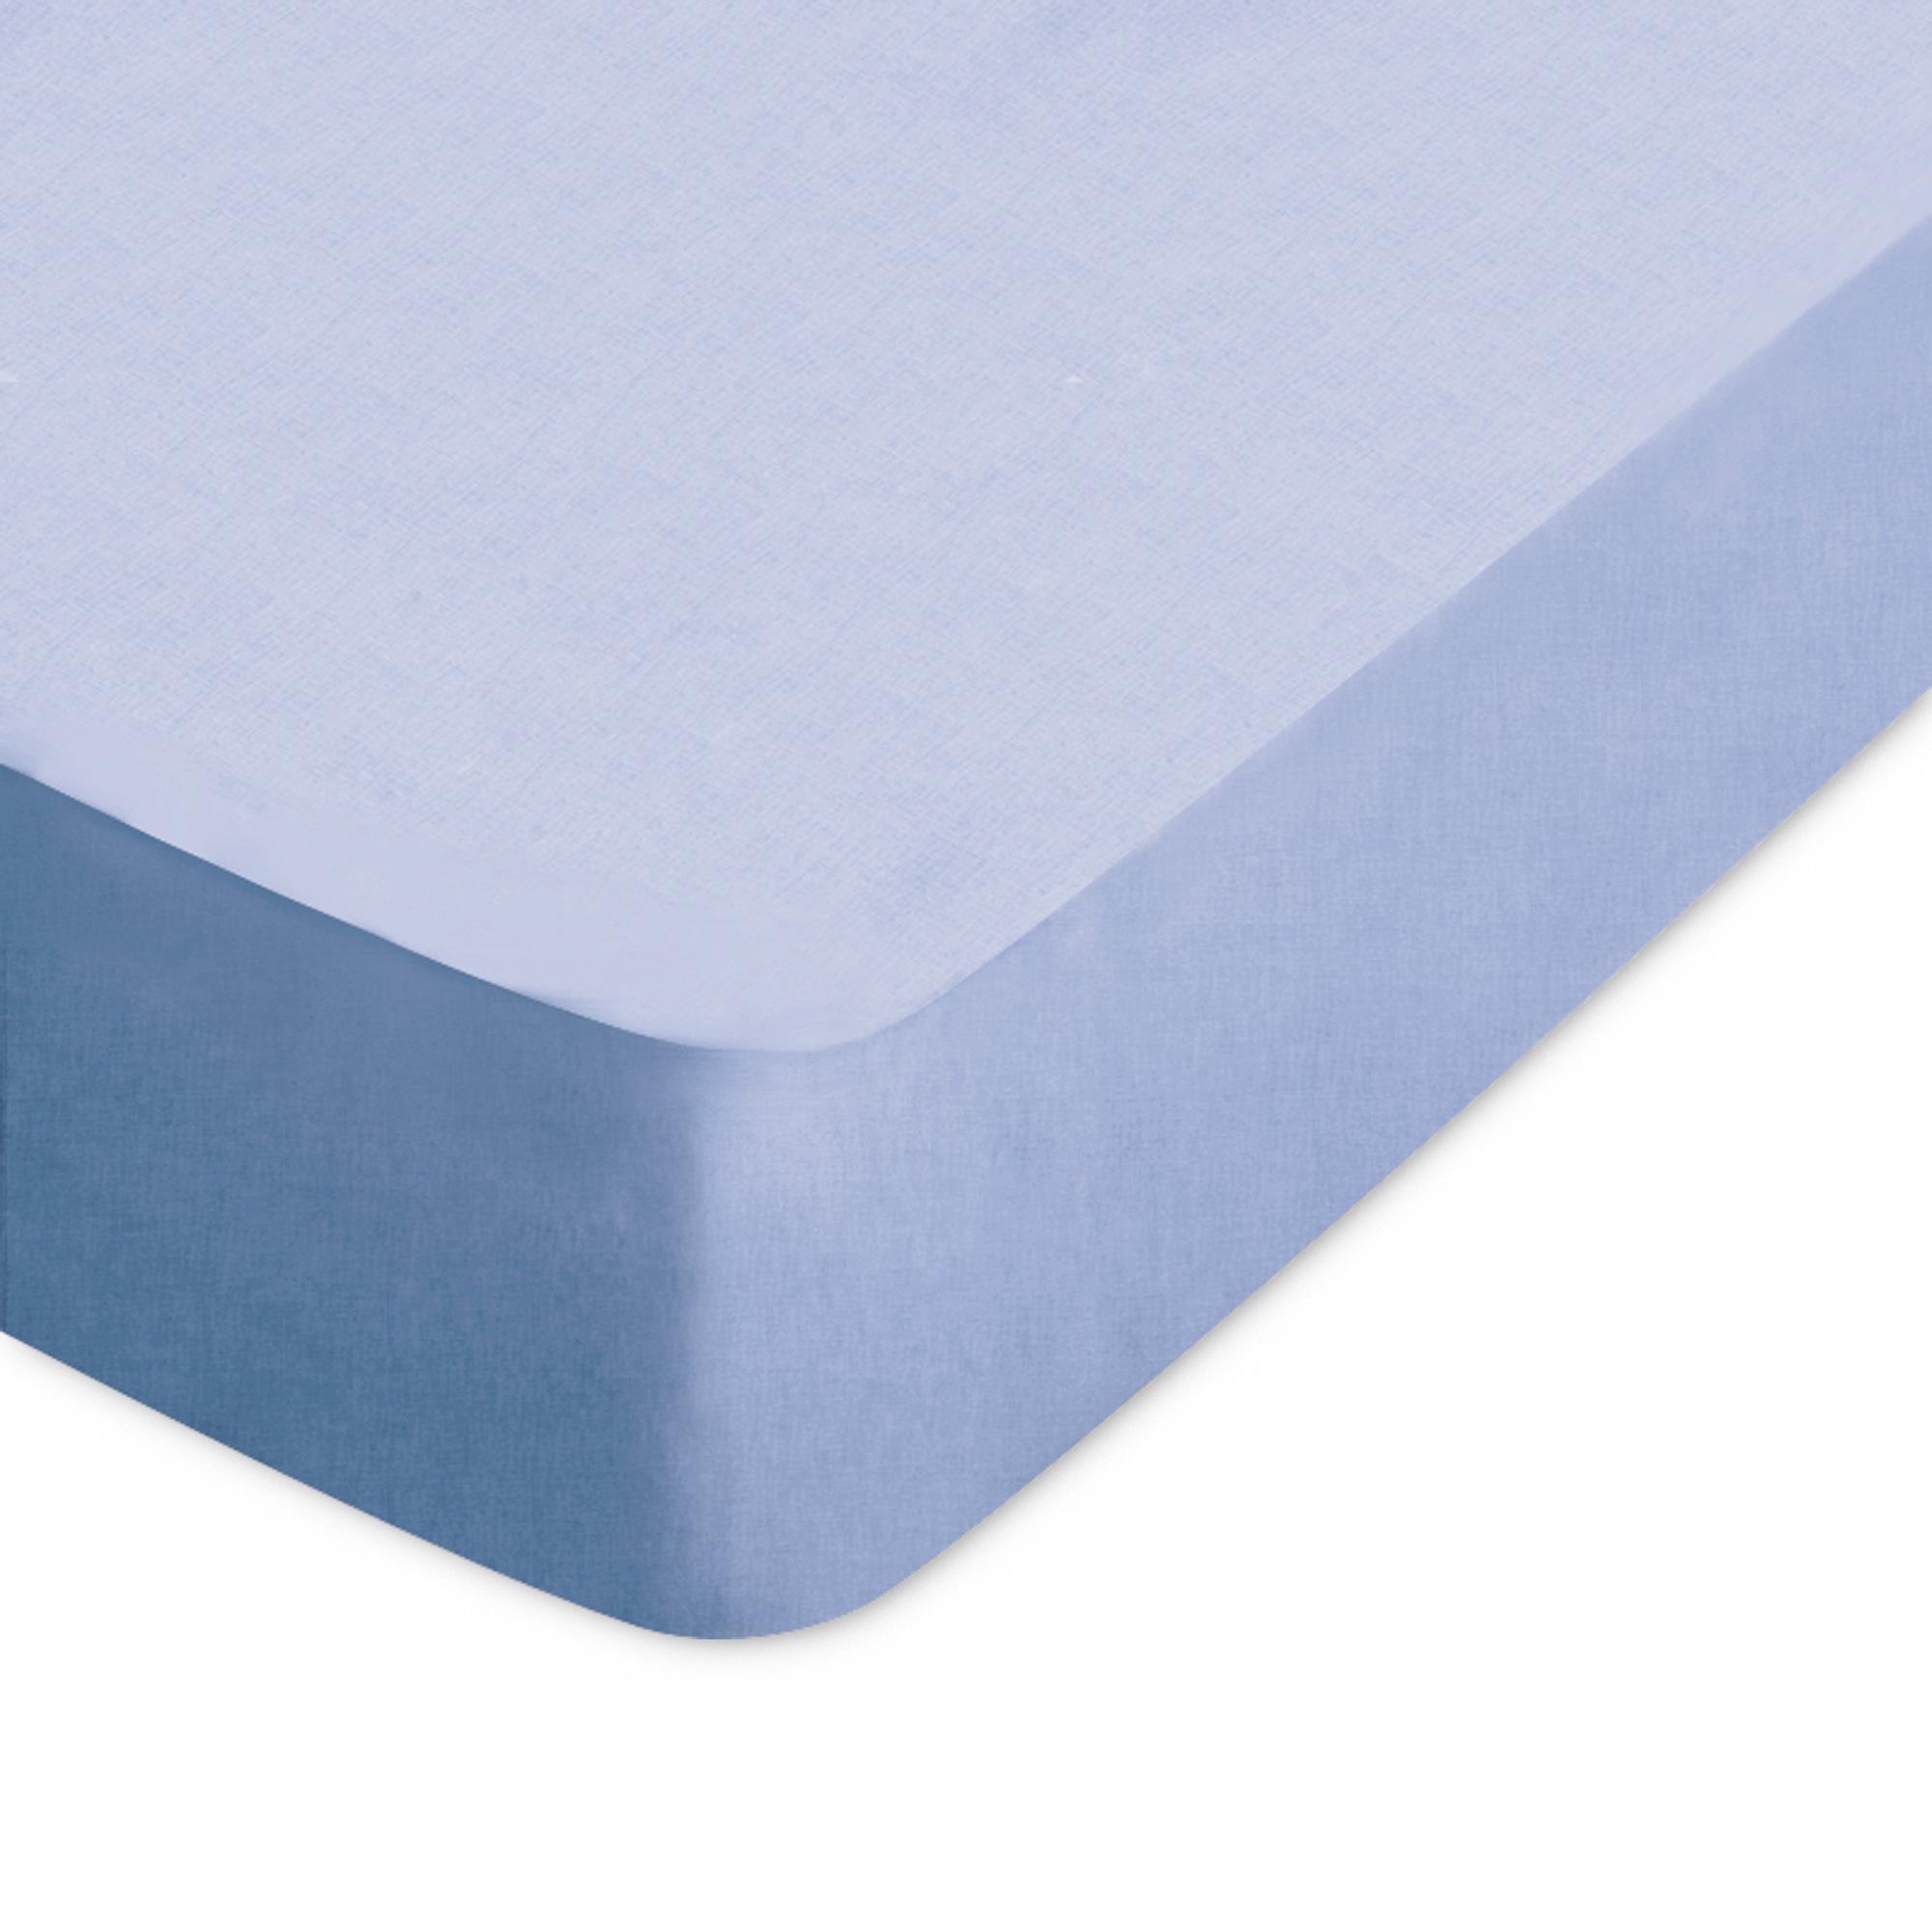 Drap Housse 70x190cm Bonnet 40cm Uni Pur Coton Alto Bleu Belle Ile Linnea Linge De Maison Et